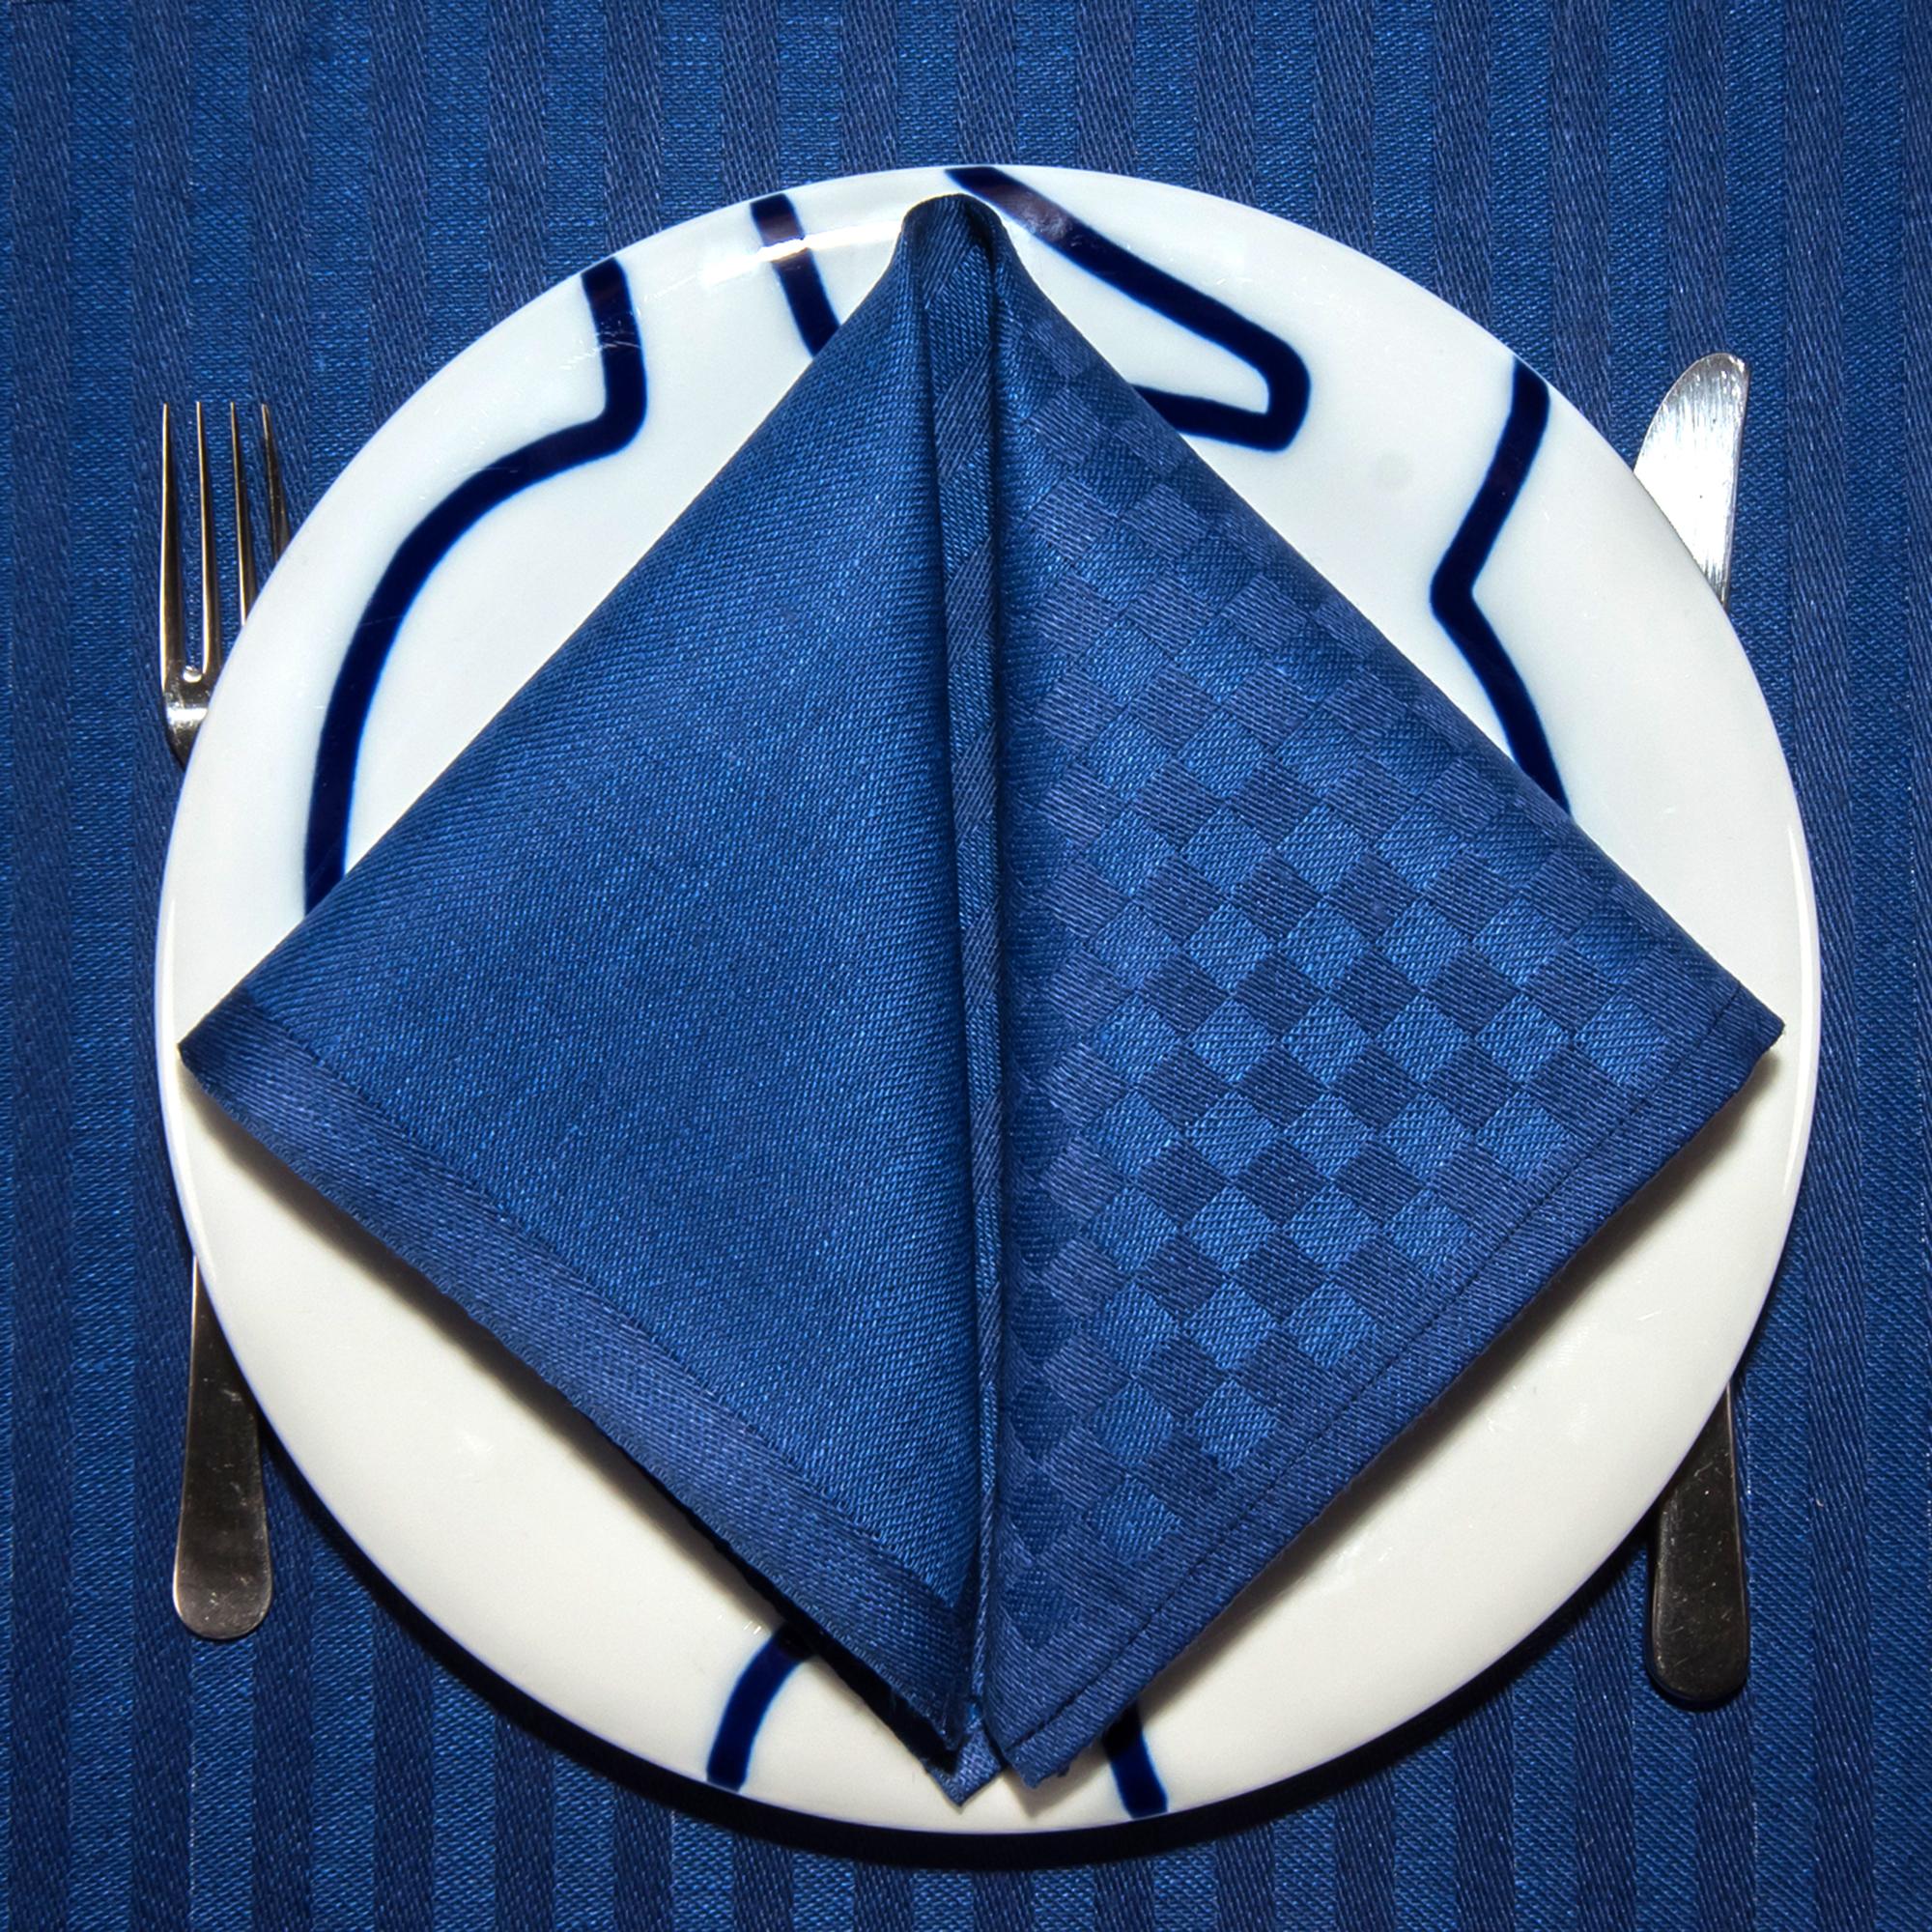 Blå ordern linne servetter tabletter på tallrik med bestick Klässbols Linneväveri Hanne Vedel bordsdukning